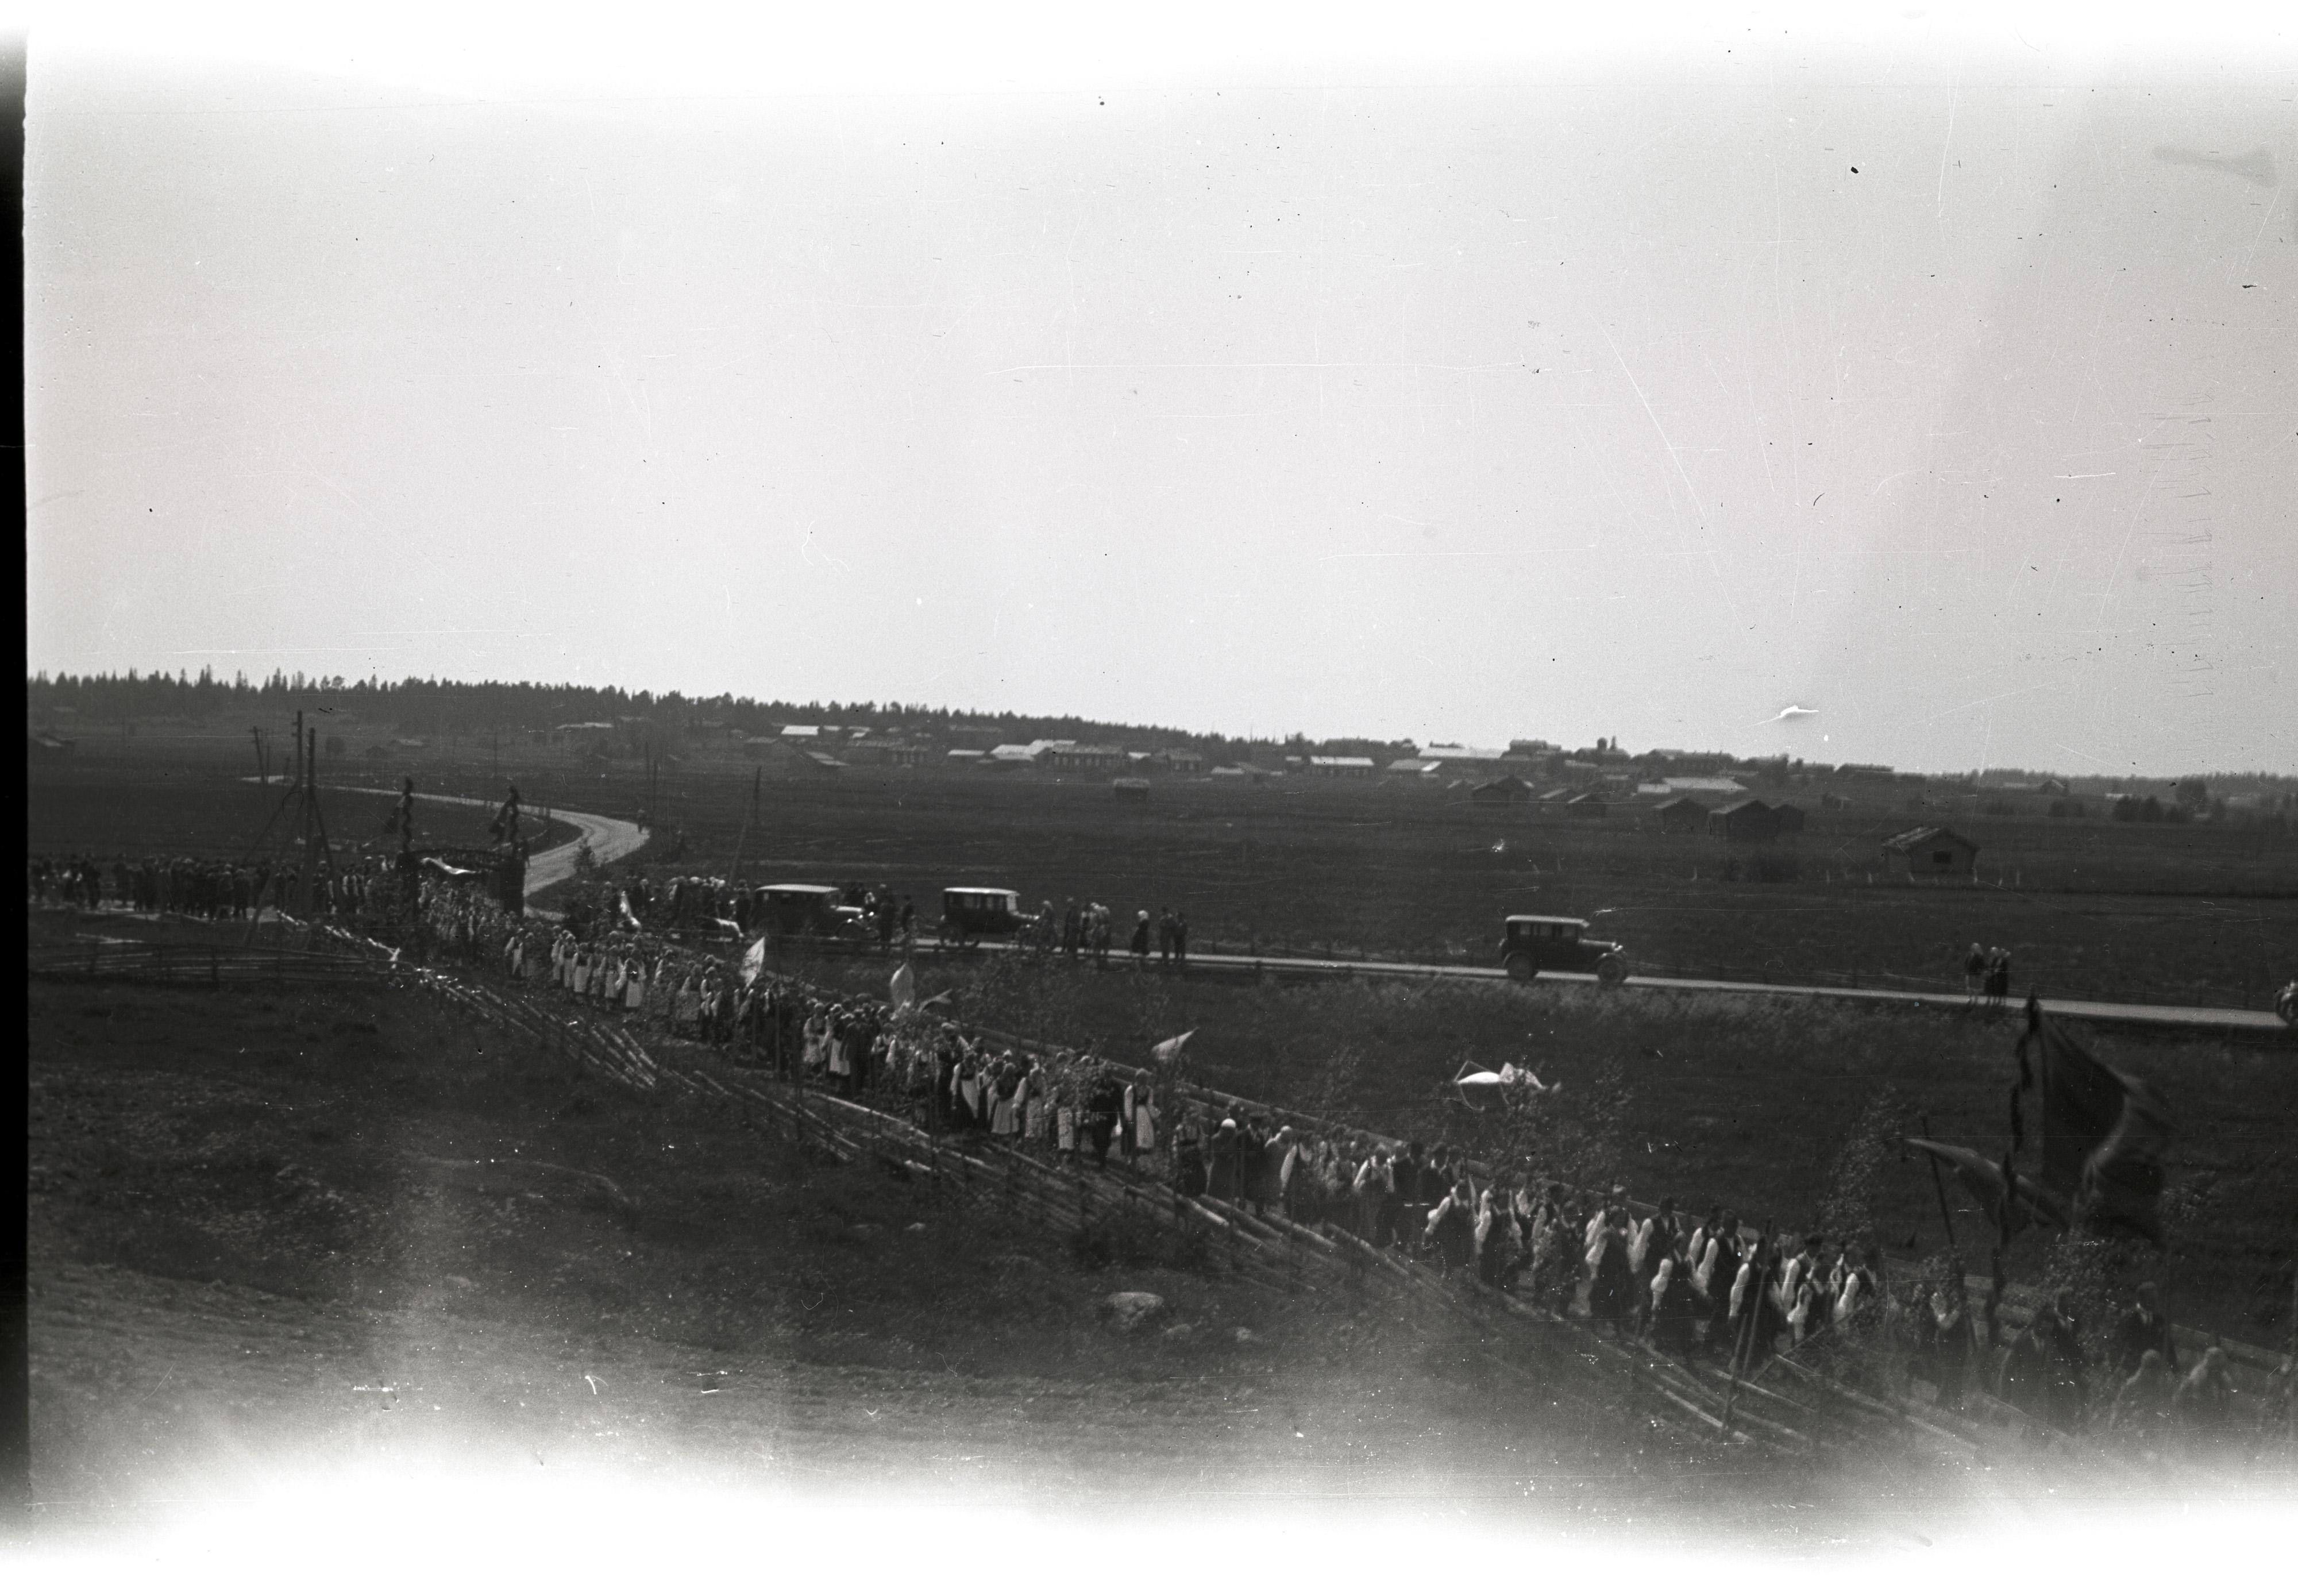 Sångfestraden på vägen in genom festporten i slutet på 20-talet i Tjöck. Notera att det står 3 bilar på landsvägen.